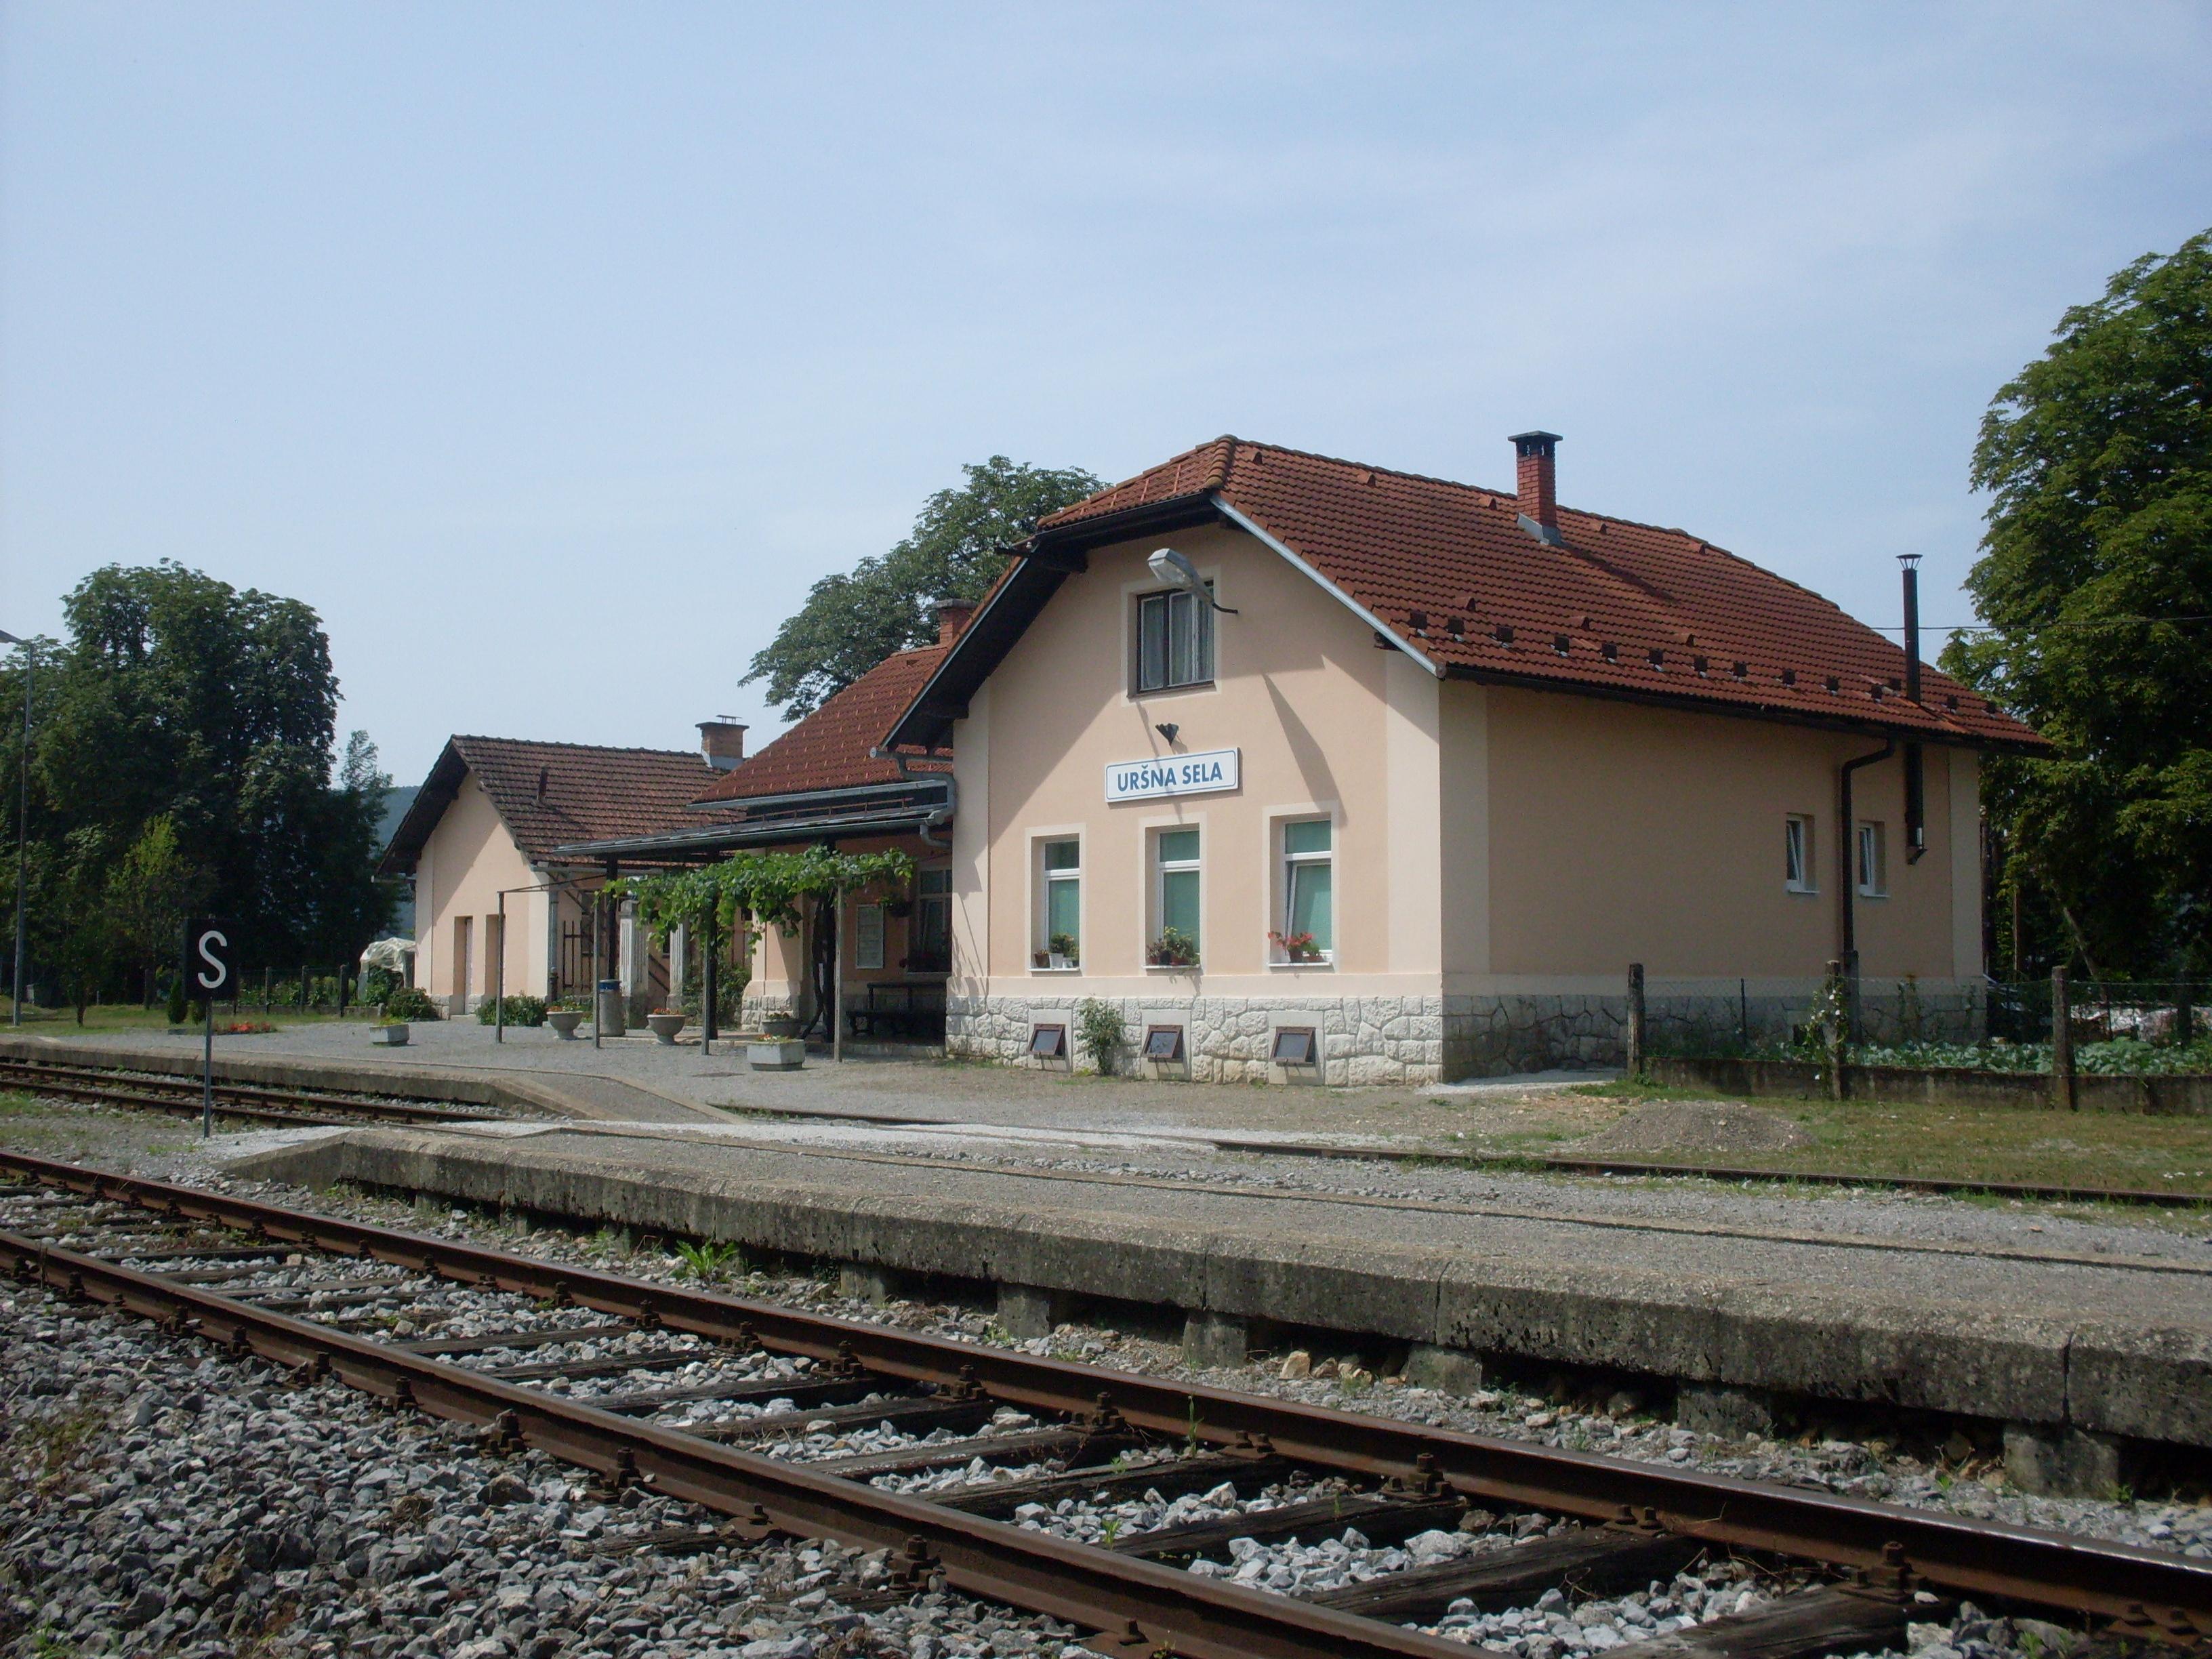 Železniška postaja Uršna sela